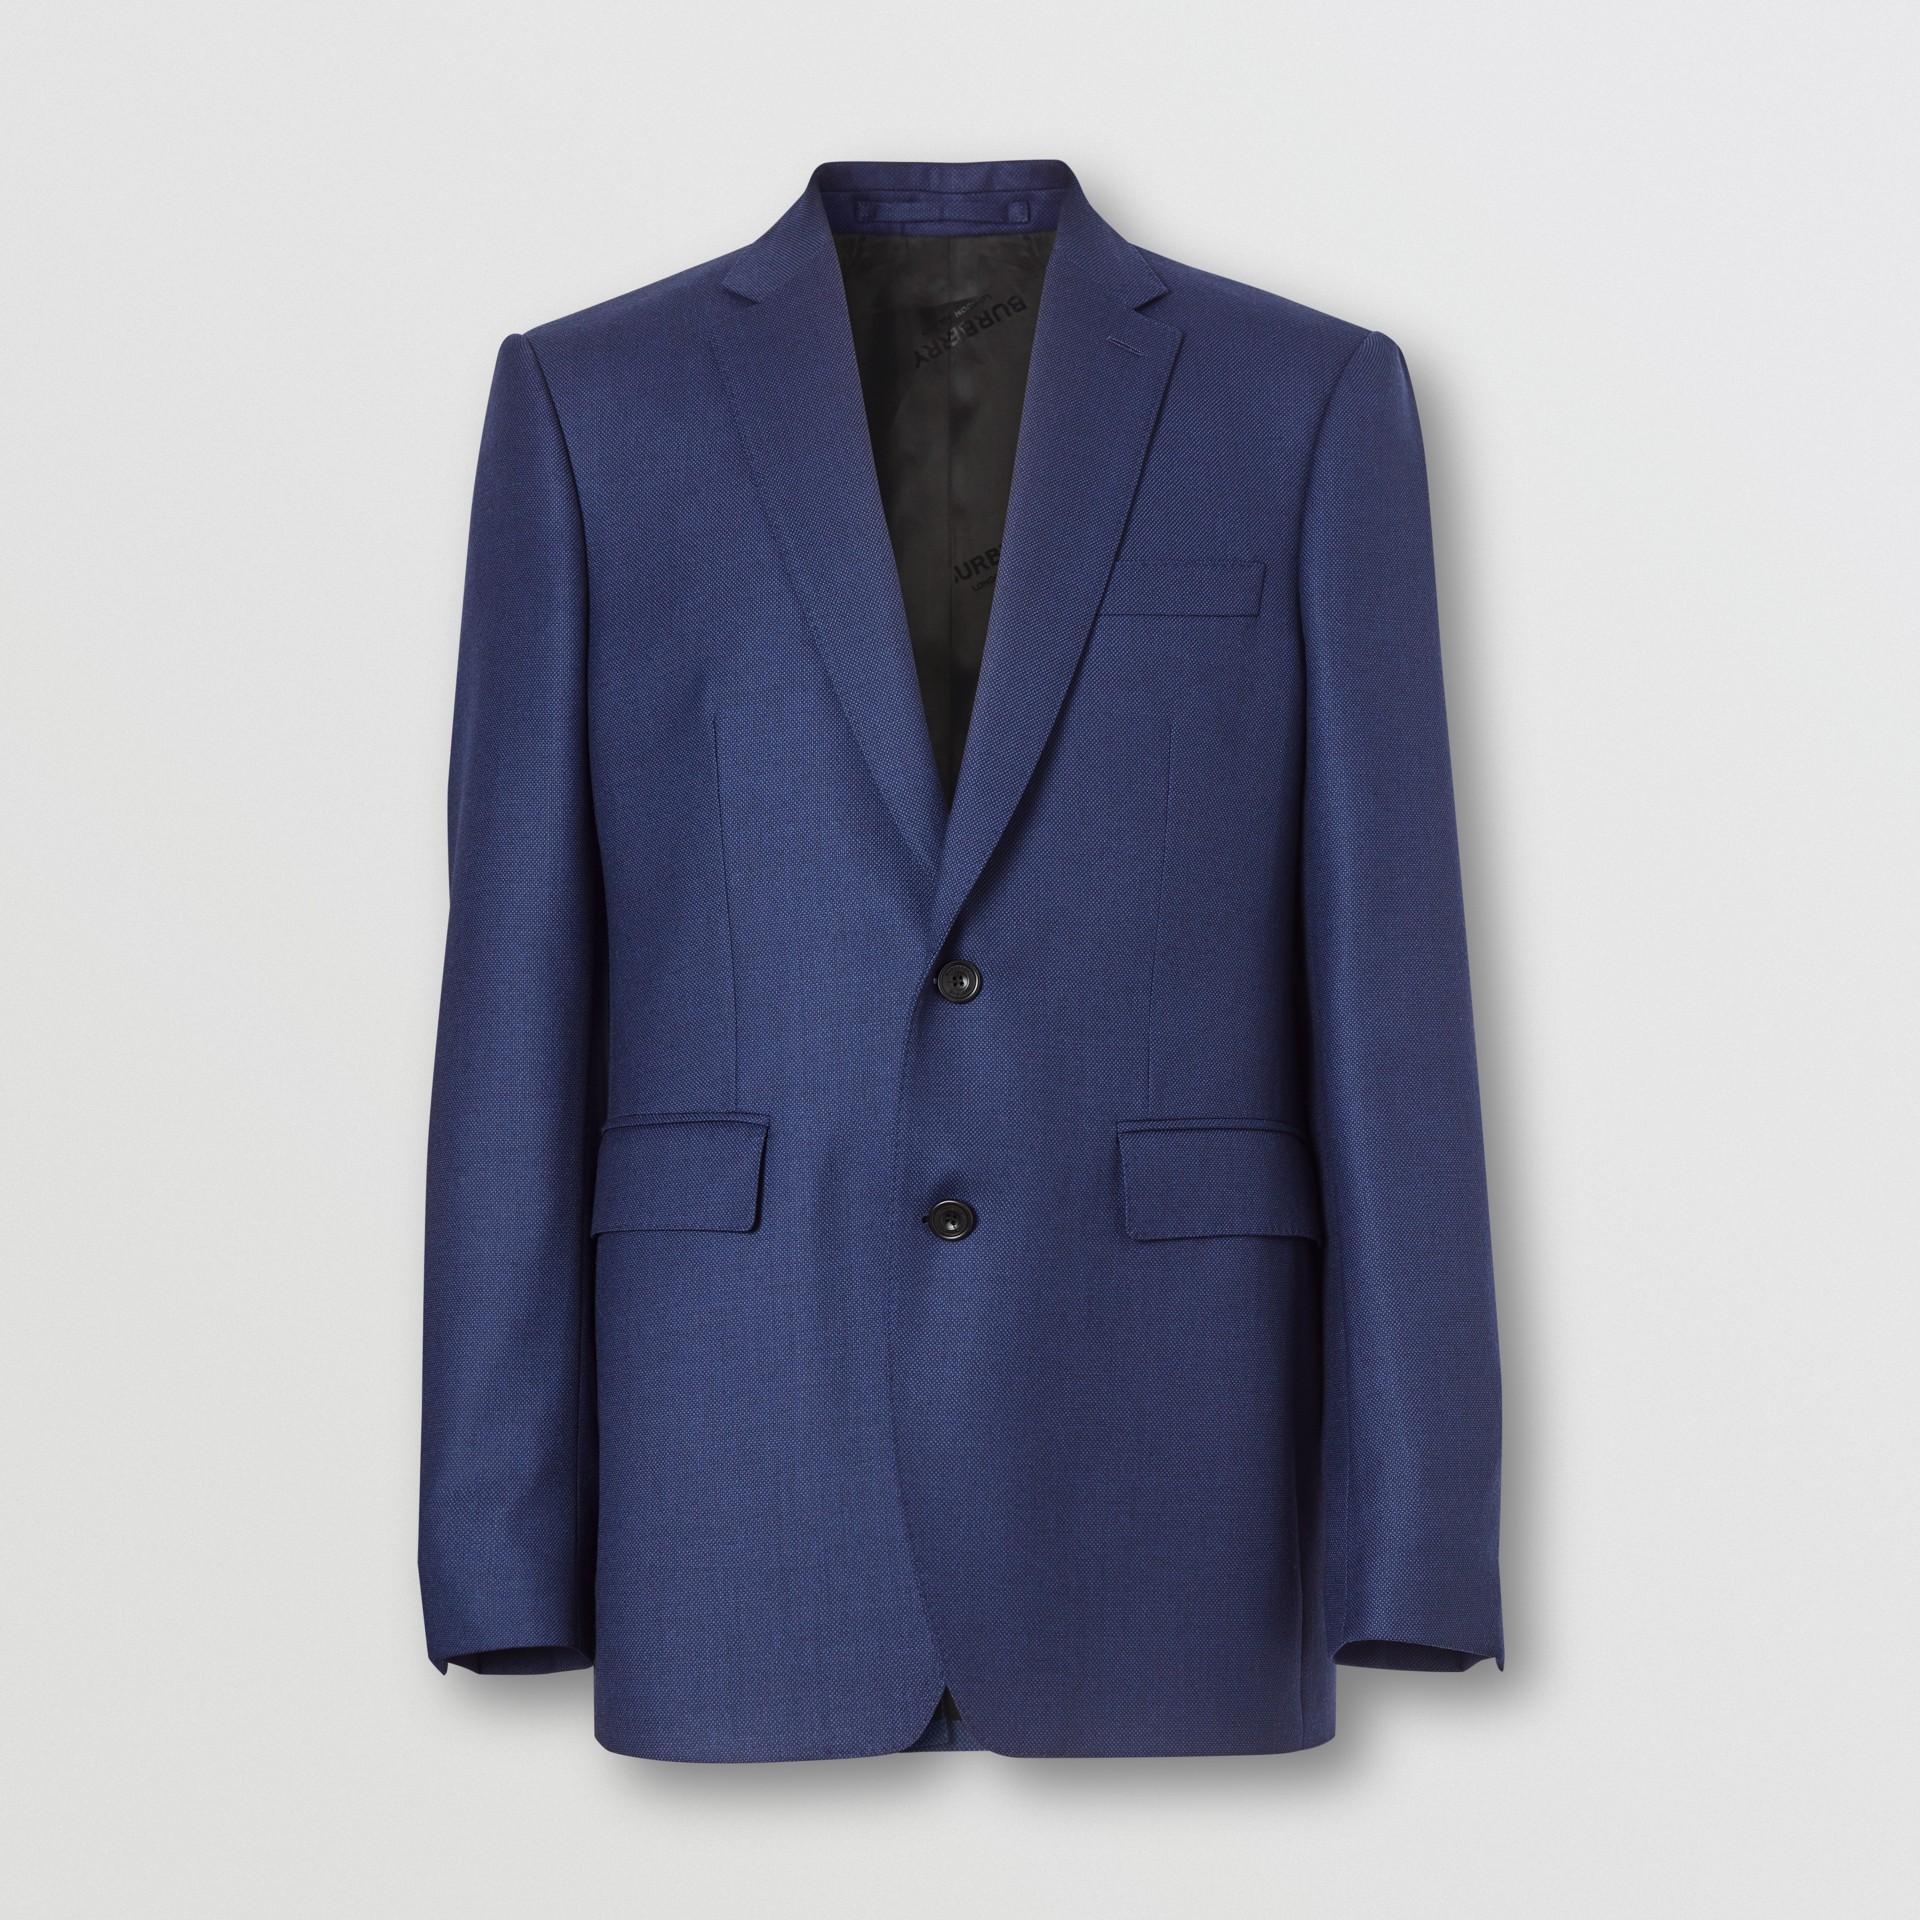 Elegantes Jackett aus Birdseye-Wolle in klassischer Passform (Leuchtendes Marineblau) - Herren | Burberry - Galerie-Bild 3